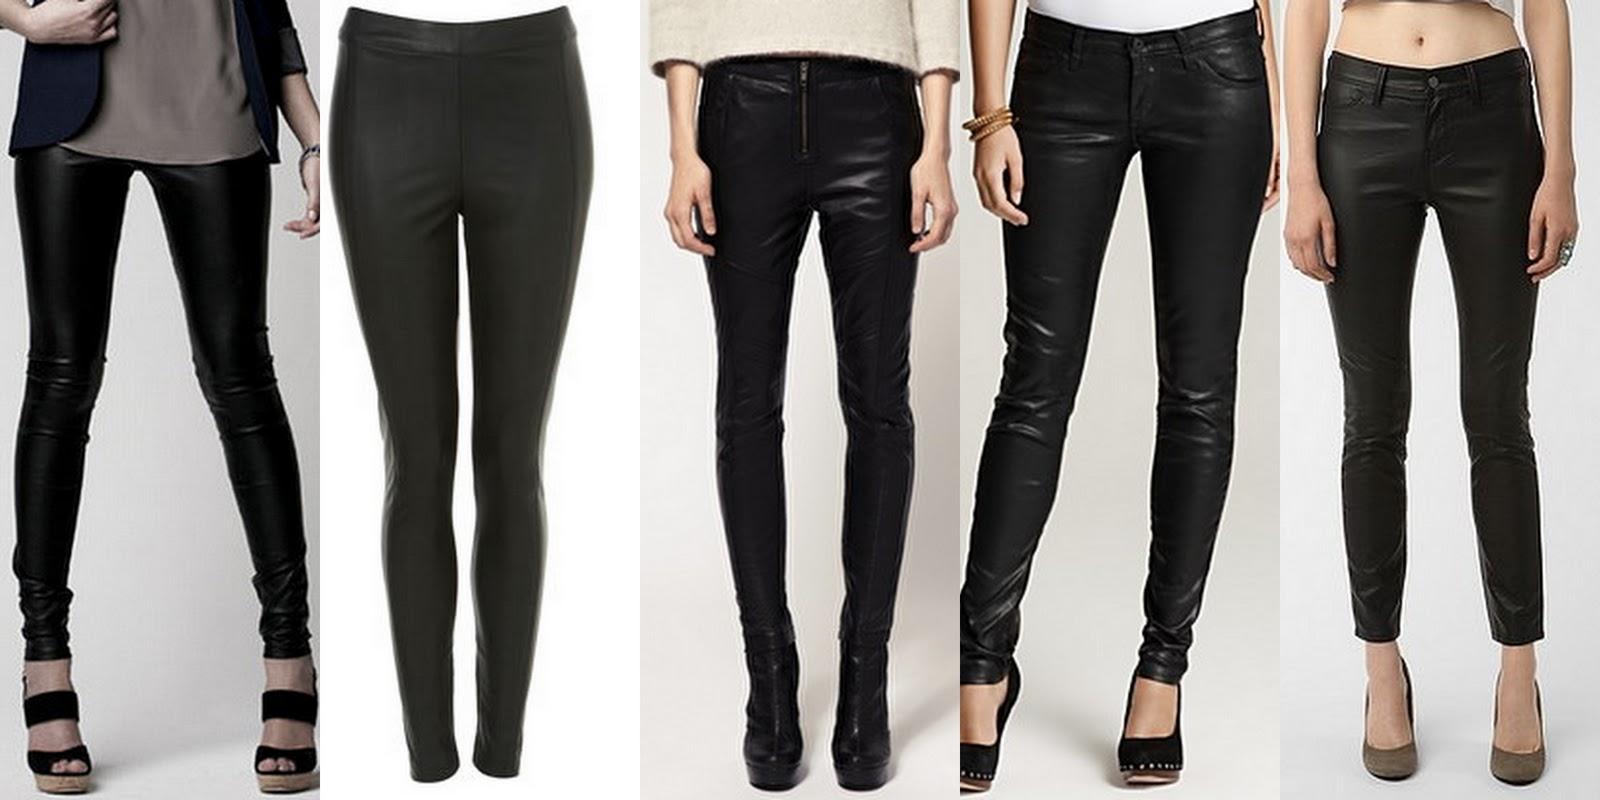 http://2.bp.blogspot.com/-iK53Z0VLdPo/Tp5uobD0WeI/AAAAAAAADfU/FRAggbwKsW4/s1600/Leather+Pants1.jpg